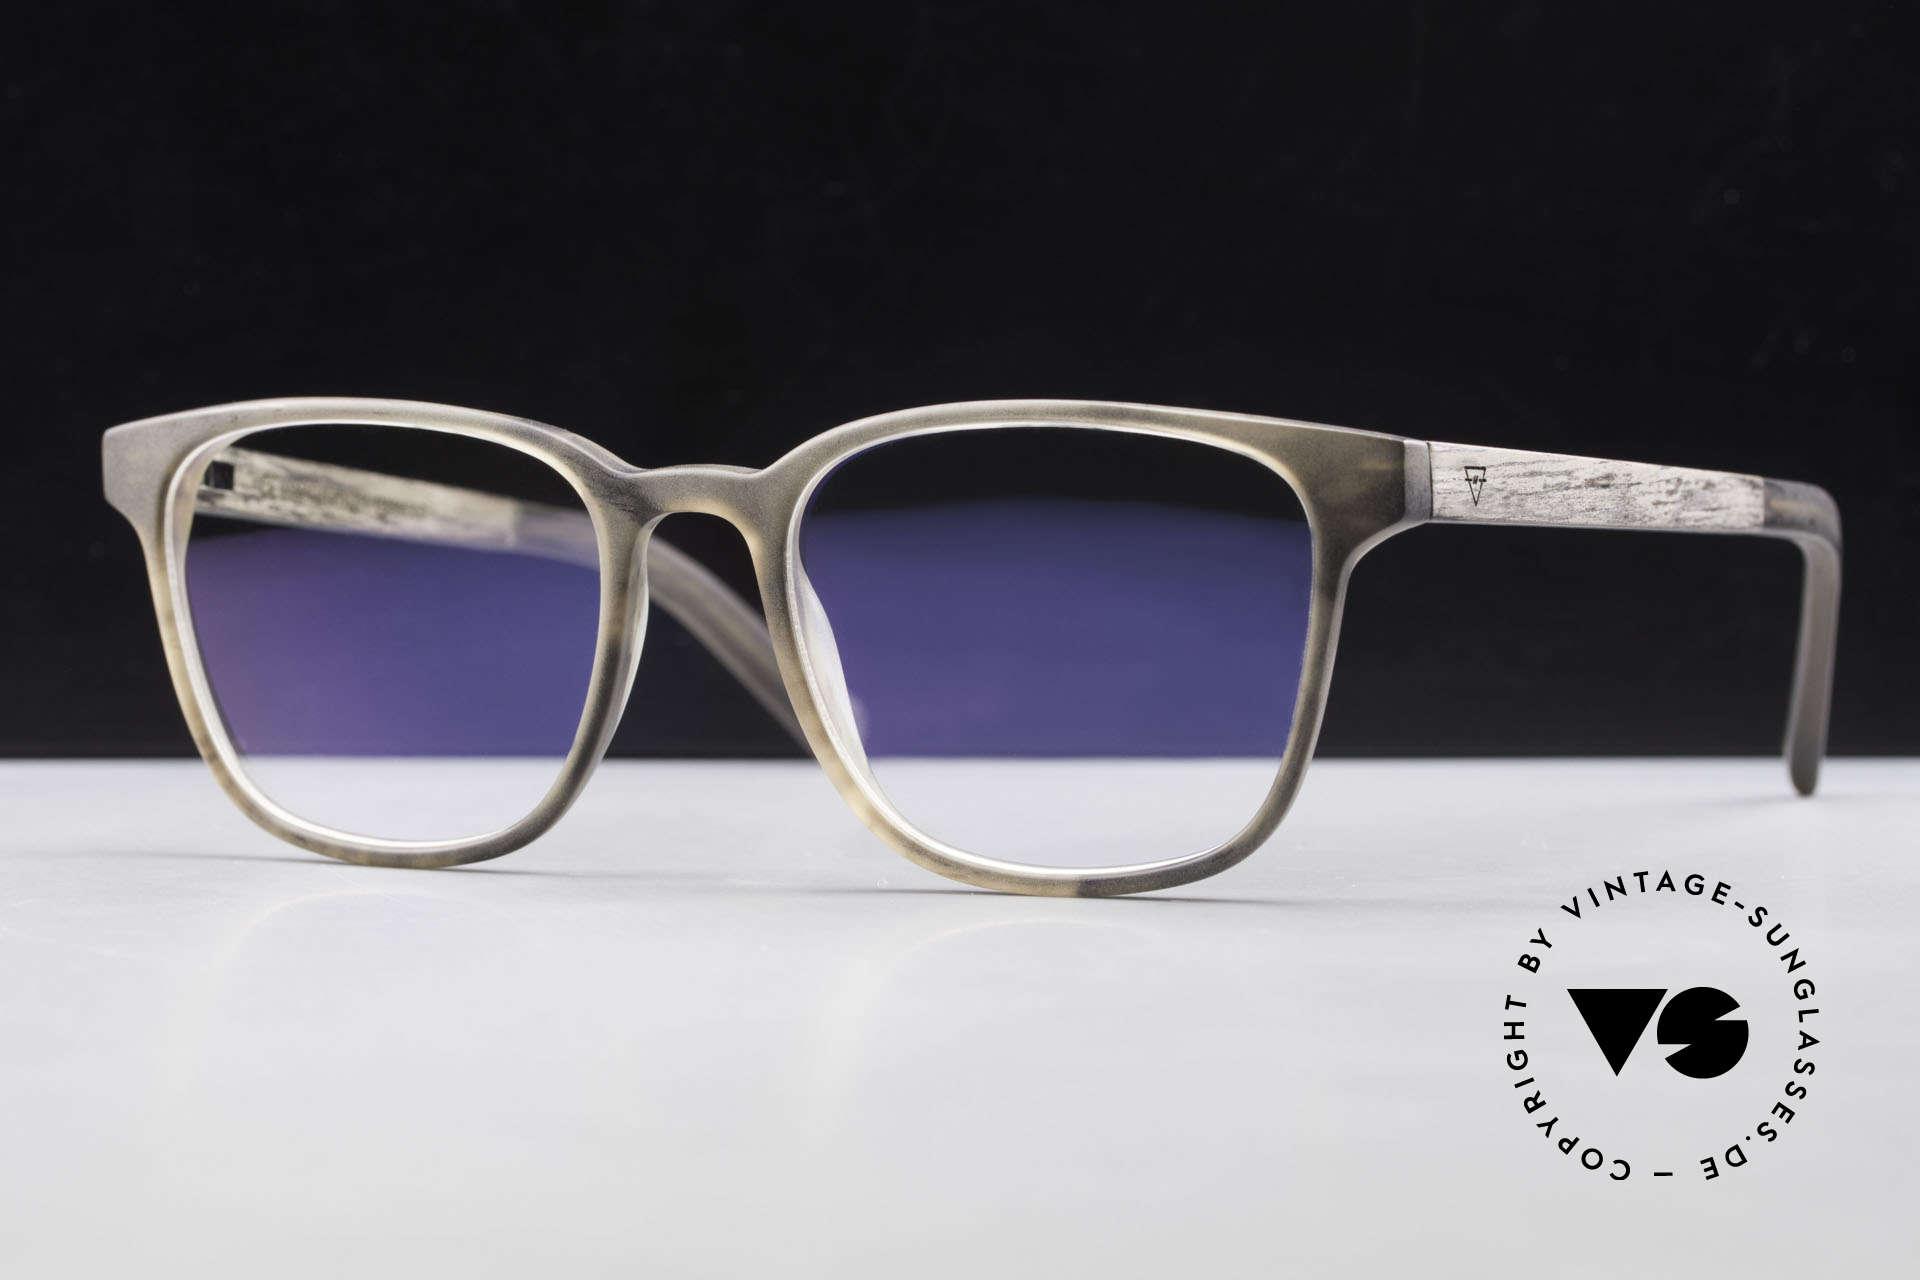 Kerbholz Ludwig Holzbrille Herren Blackwood, Grundfarbe variiert von braun zu schwarz/dunkel-braun, Passend für Herren